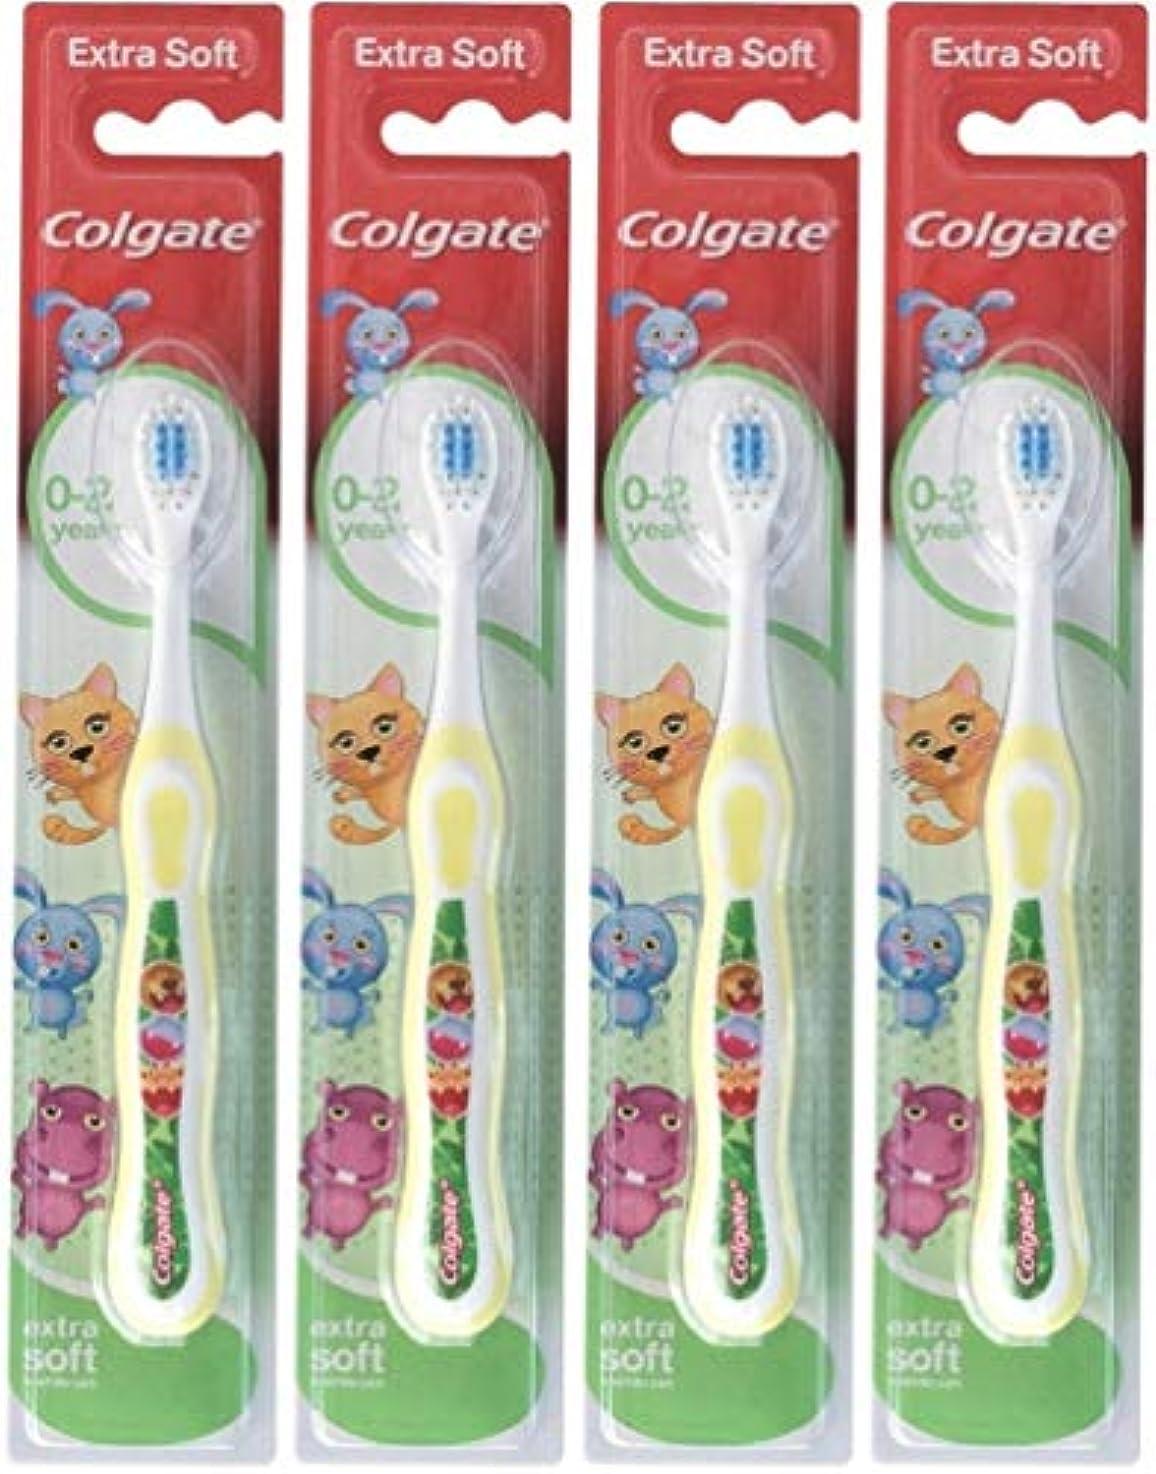 ワイドライナーお祝いColgate 私の最初のソフト、4のパックを歯ブラシ